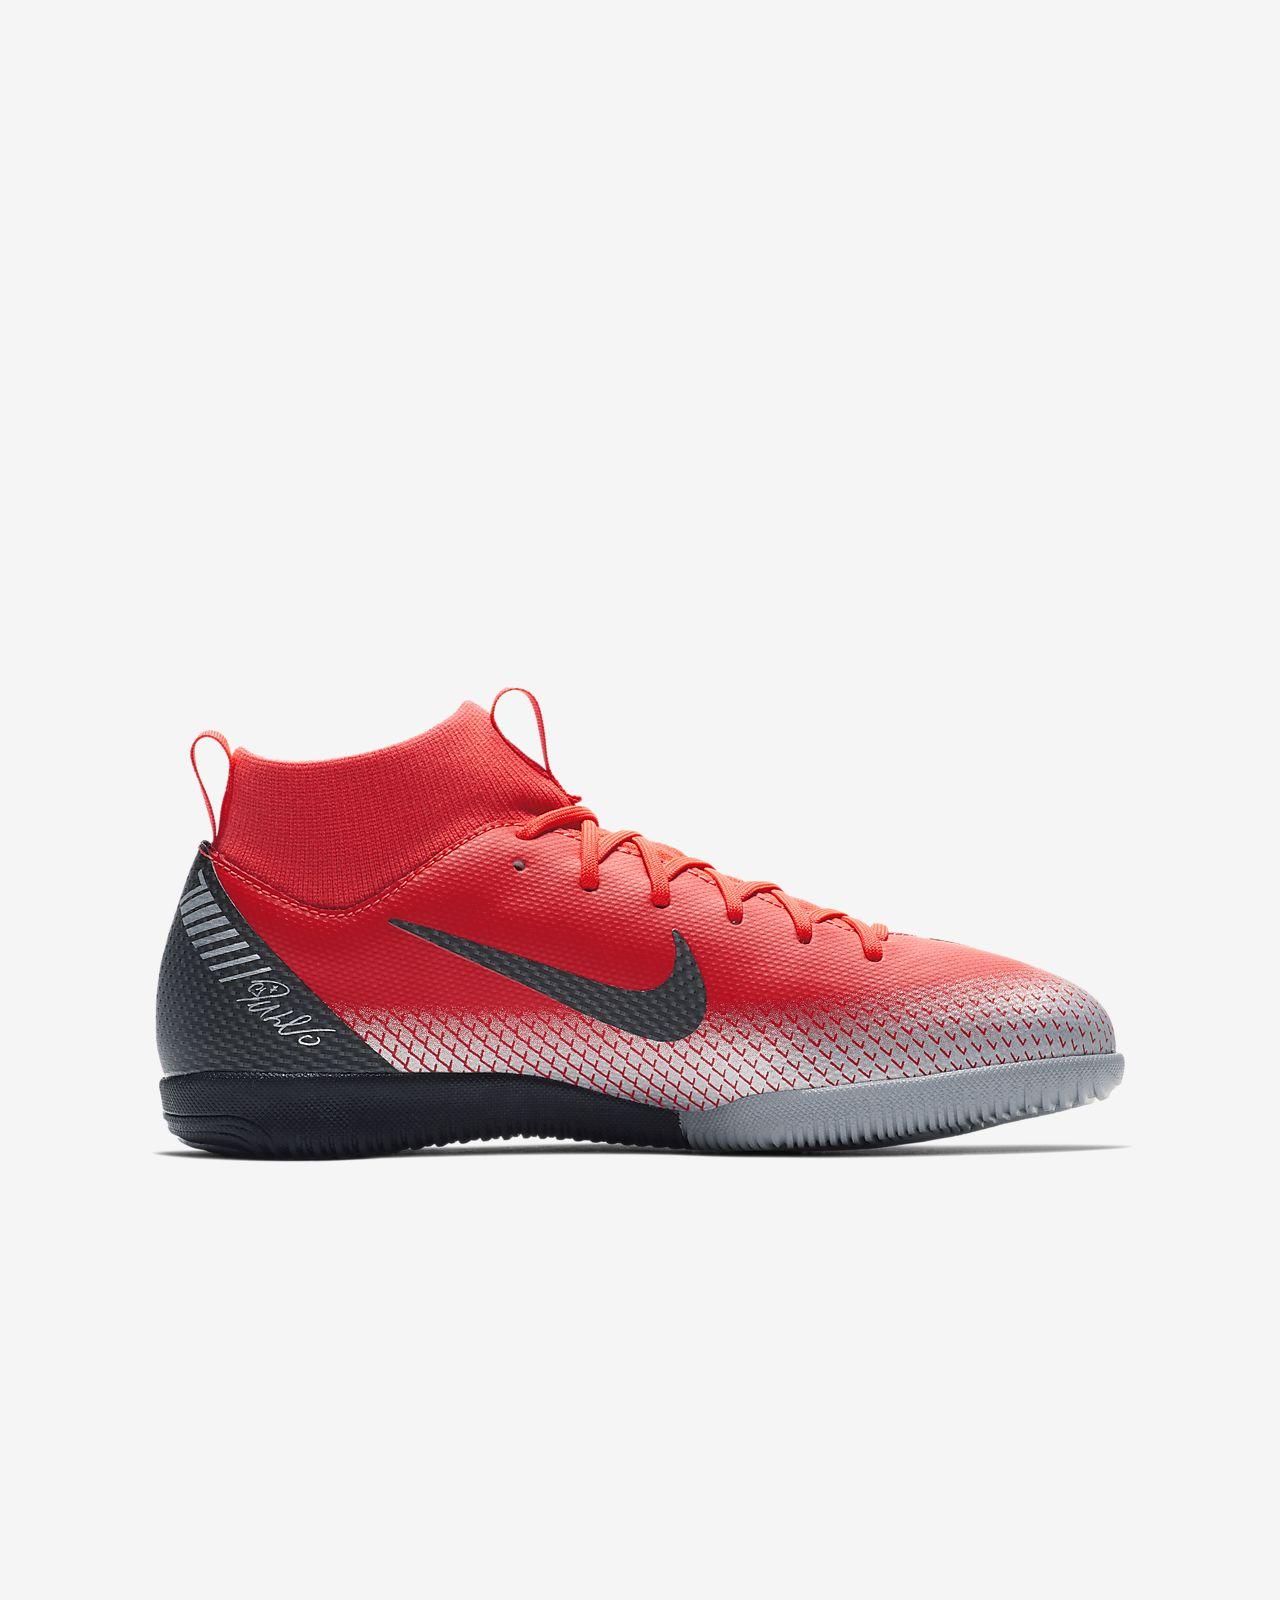 new style 74160 28938 cr7 jr. superflyx 6 academy ic fodboldstøvle til store børn (indendørsbane)